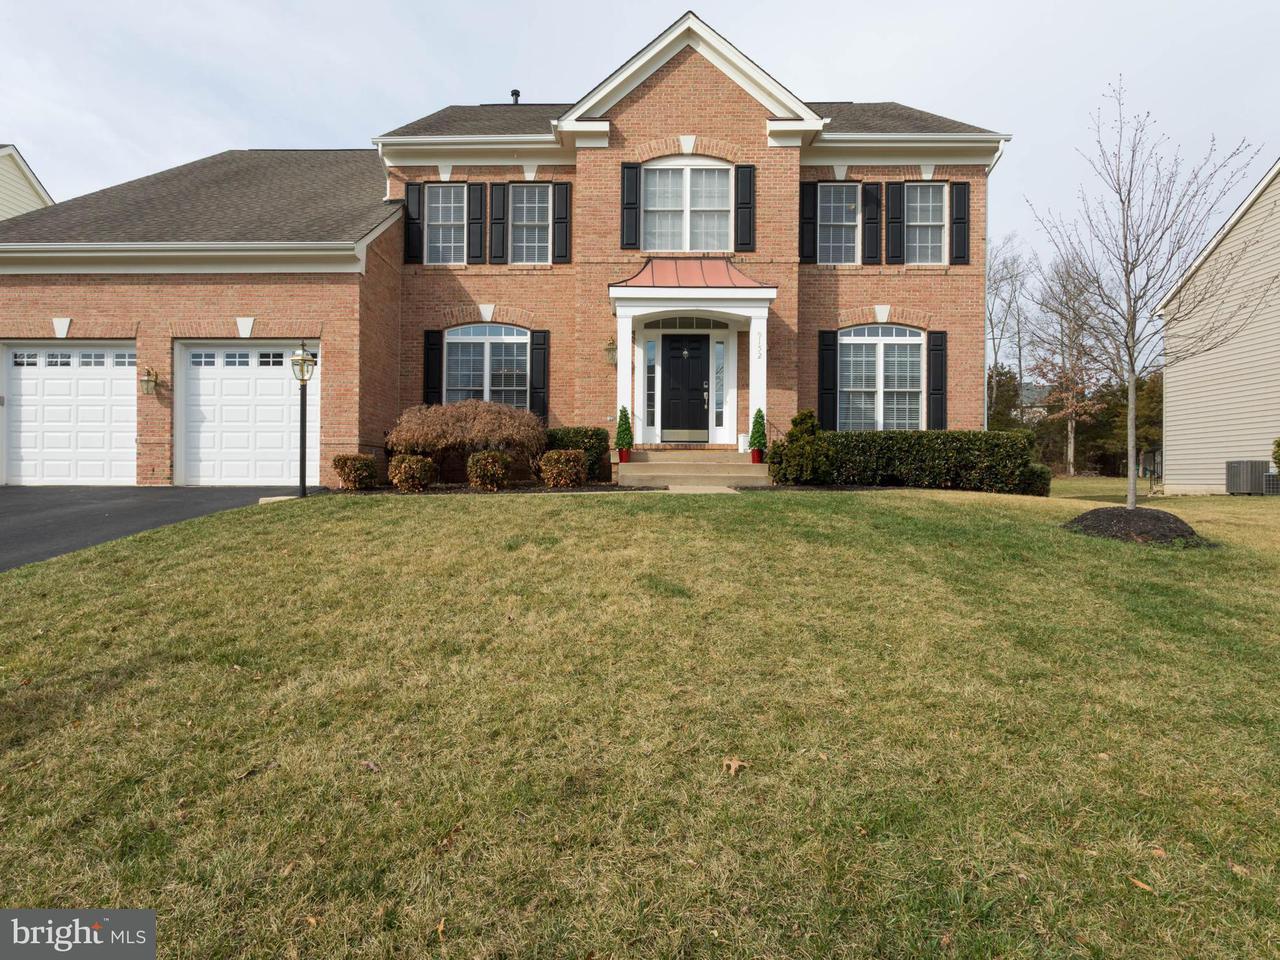 Частный односемейный дом для того Продажа на 9152 Big Springs Loop 9152 Big Springs Loop Bristow, Виргиния 20136 Соединенные Штаты